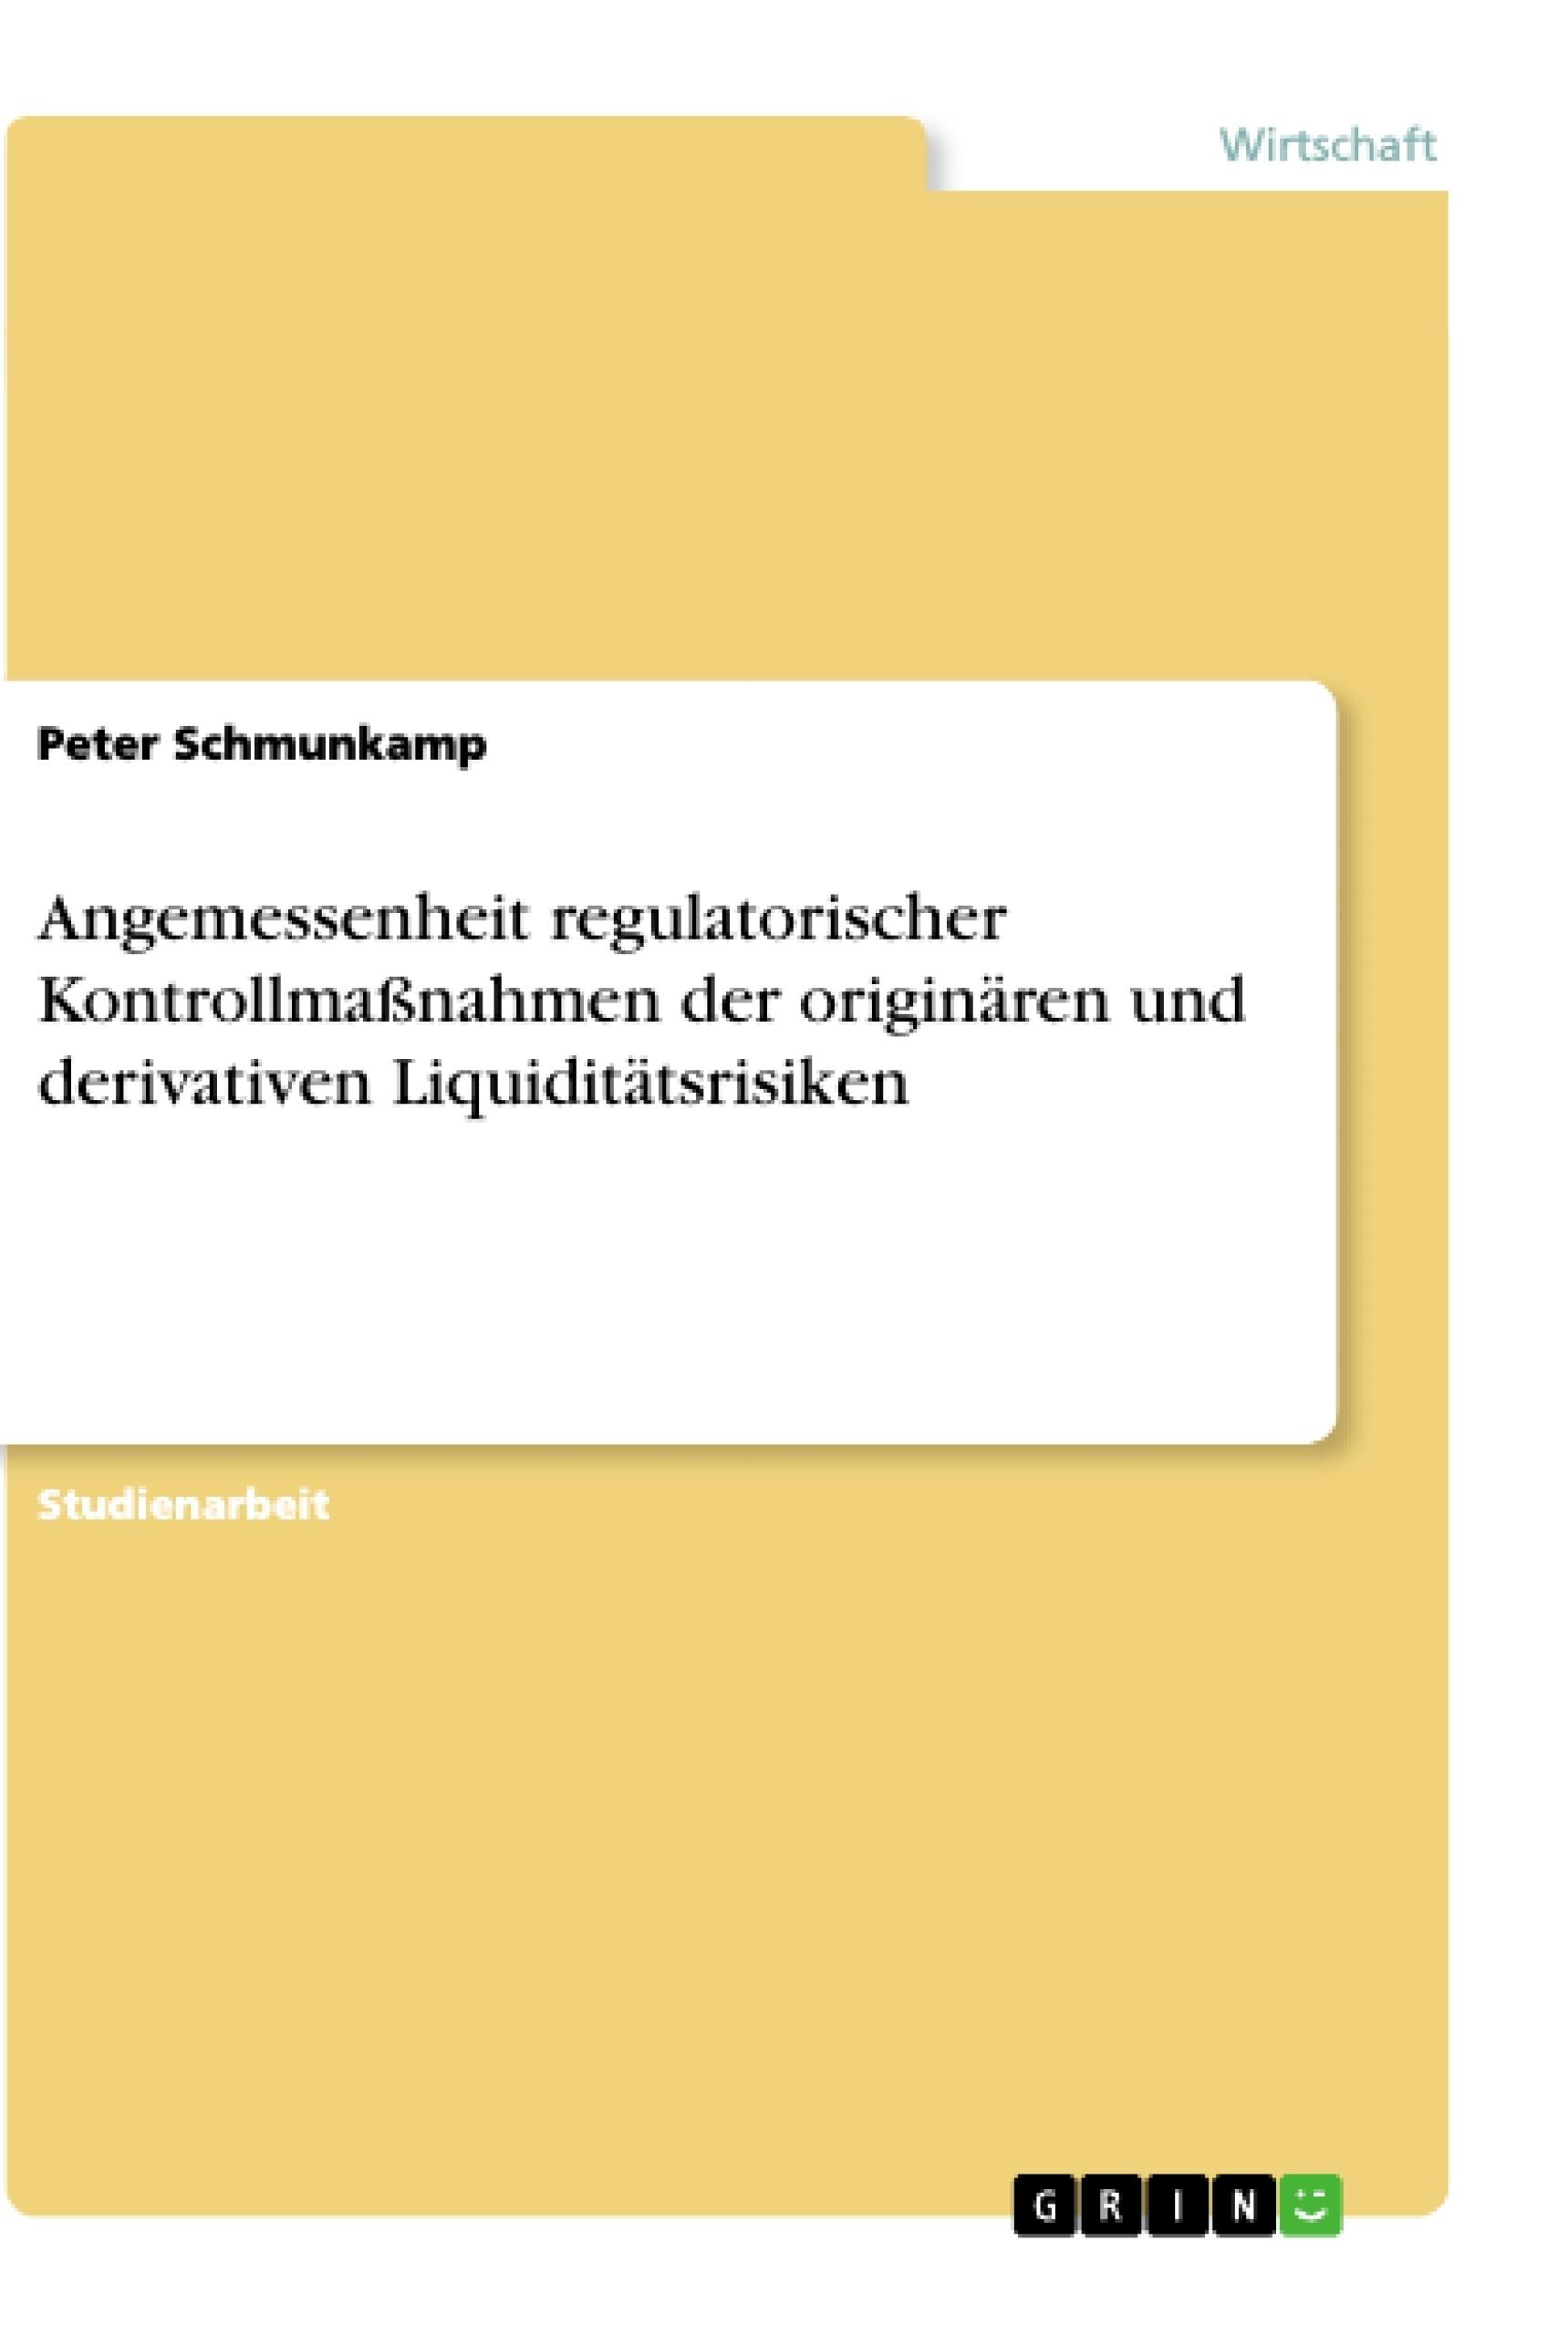 Titel: Angemessenheit regulatorischer Kontrollmaßnahmen der originären und derivativen Liquiditätsrisiken